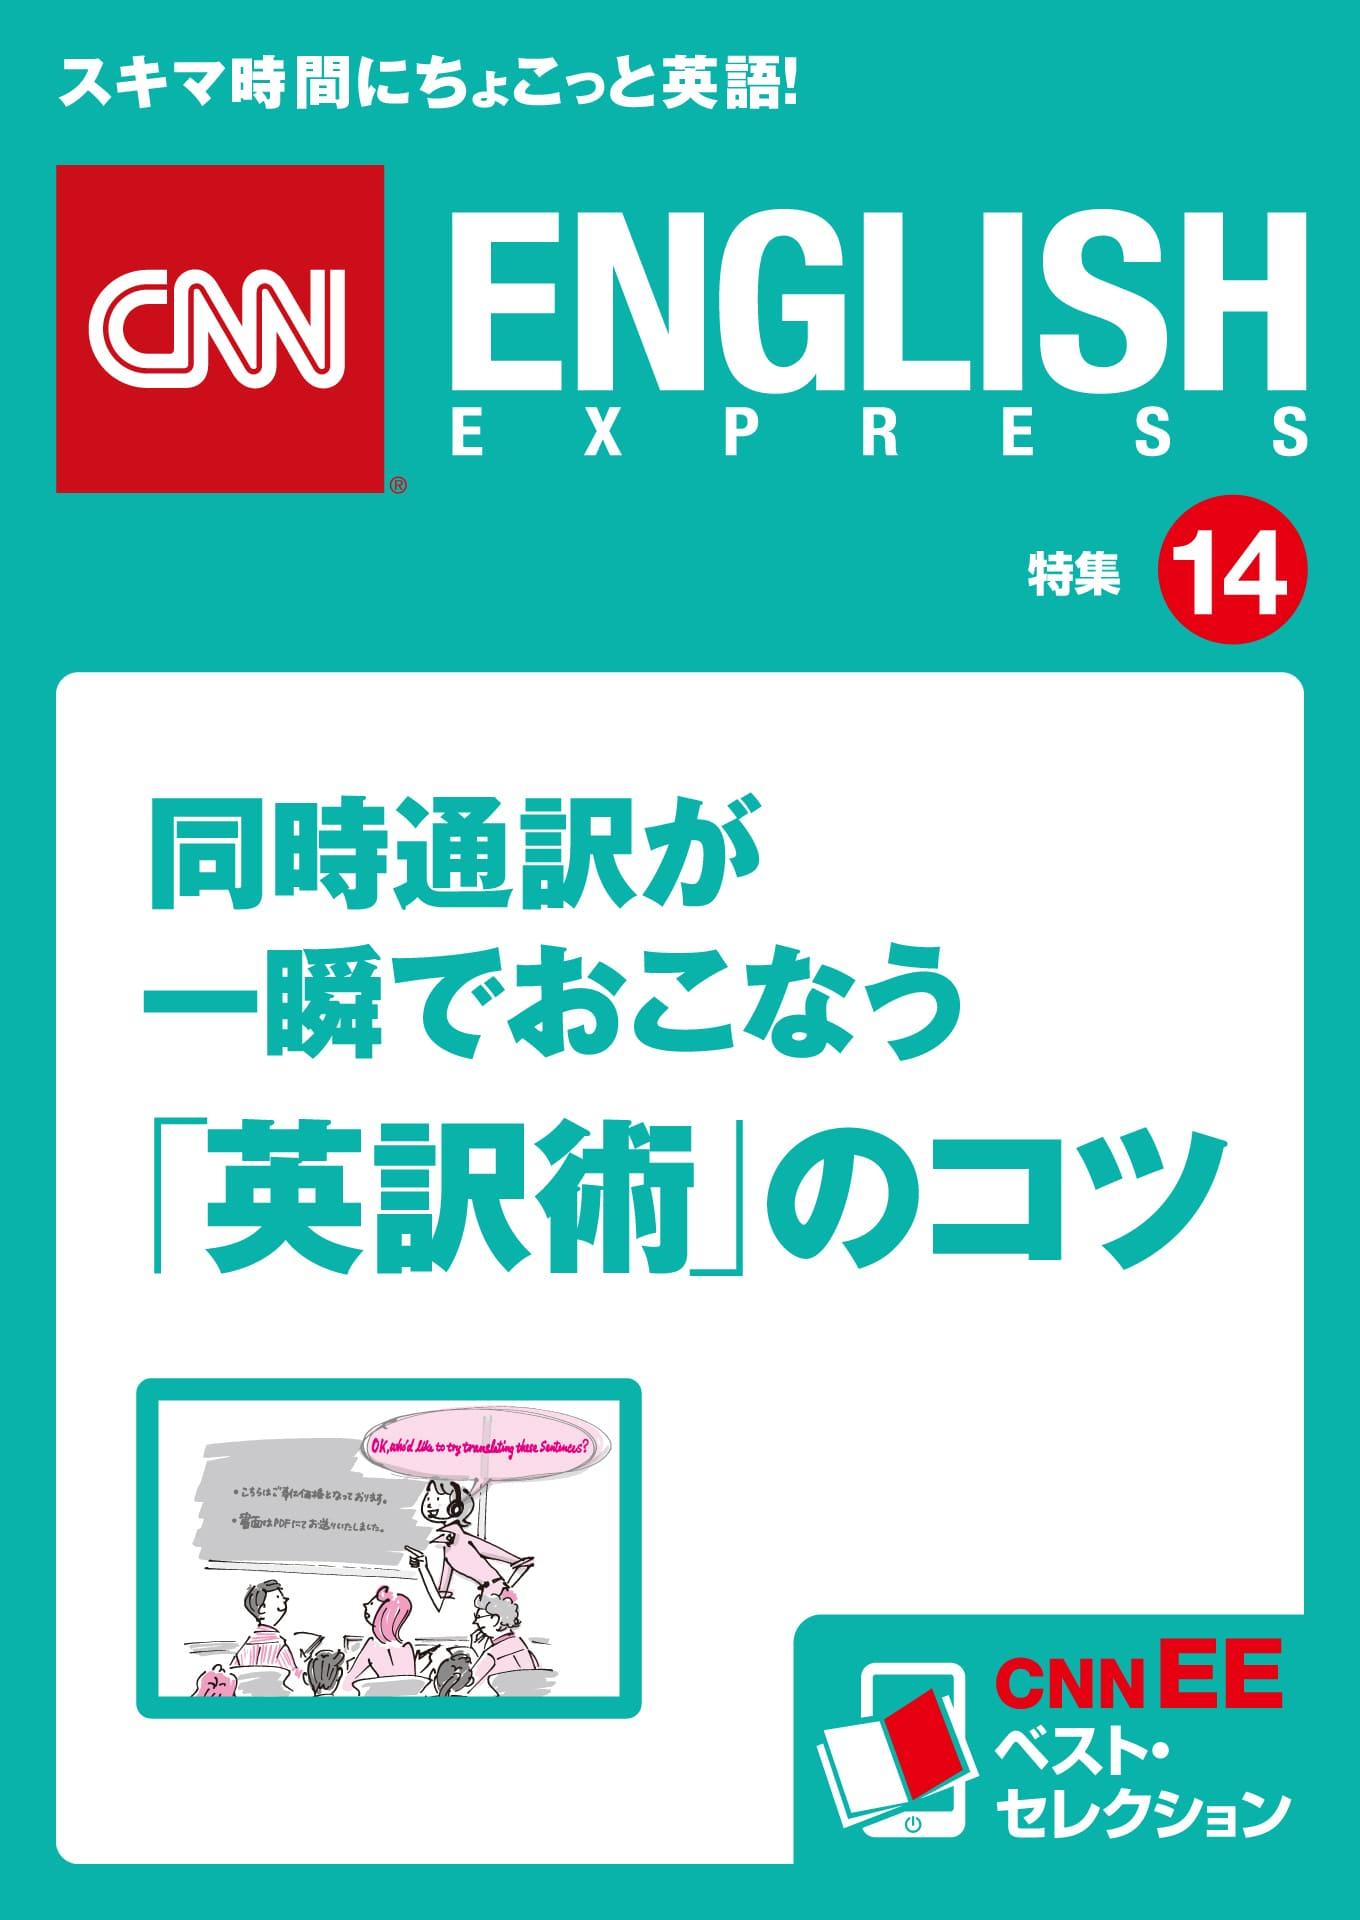 同時通訳が一瞬でおこなう「英訳術」のコツ(CNNEE ベスト・セレクション 特集14)